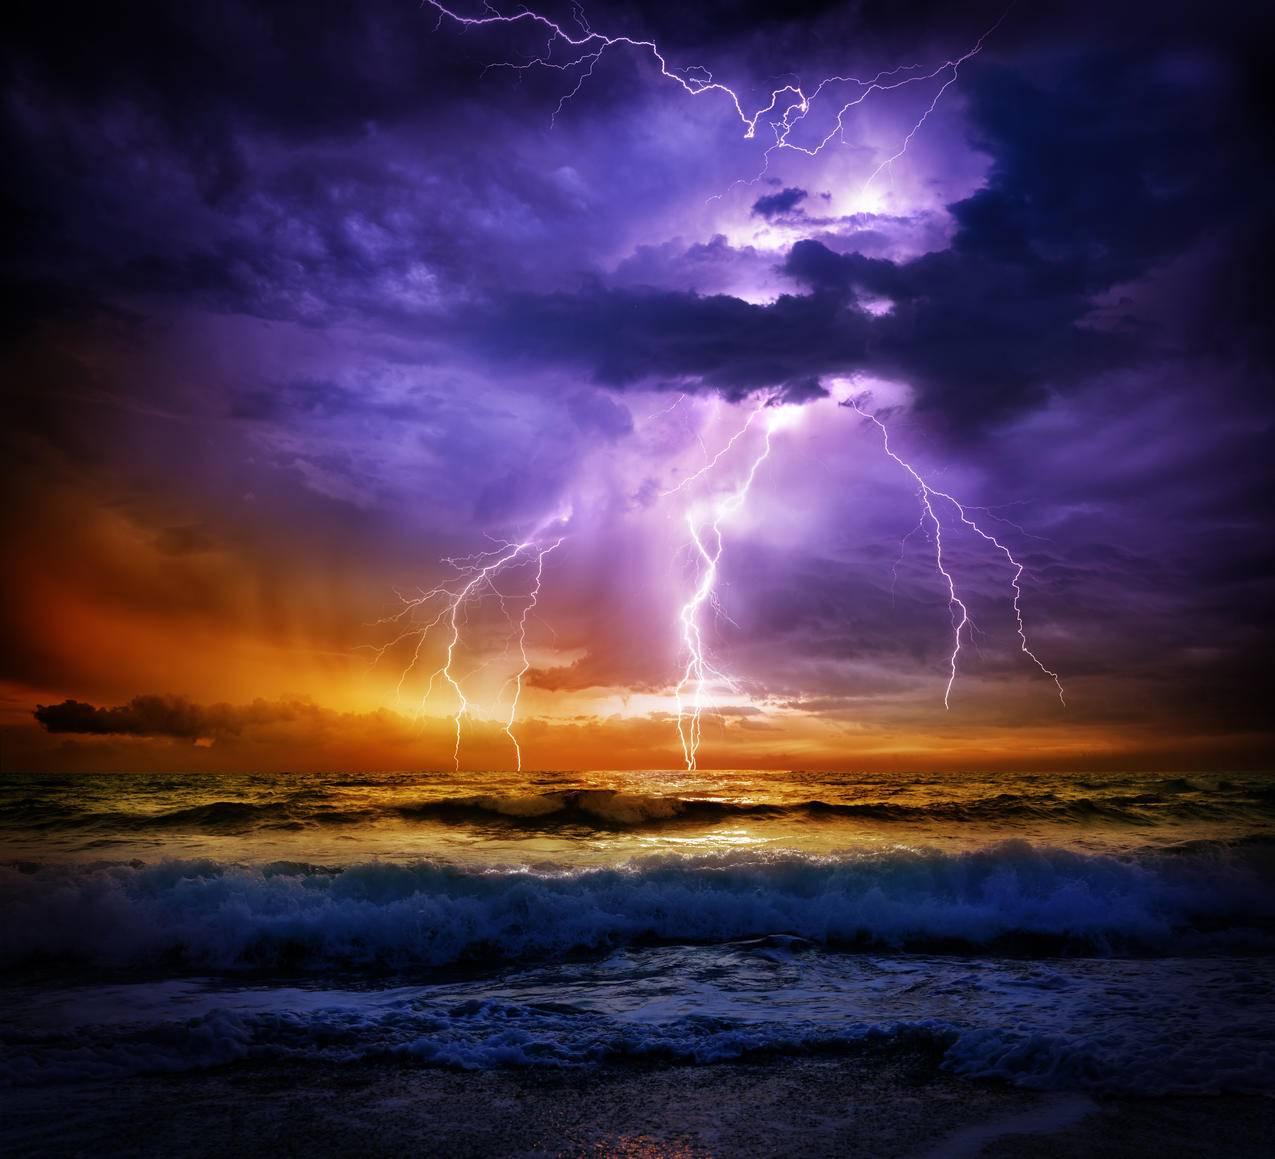 乌云,闪电,风景,4K壁纸